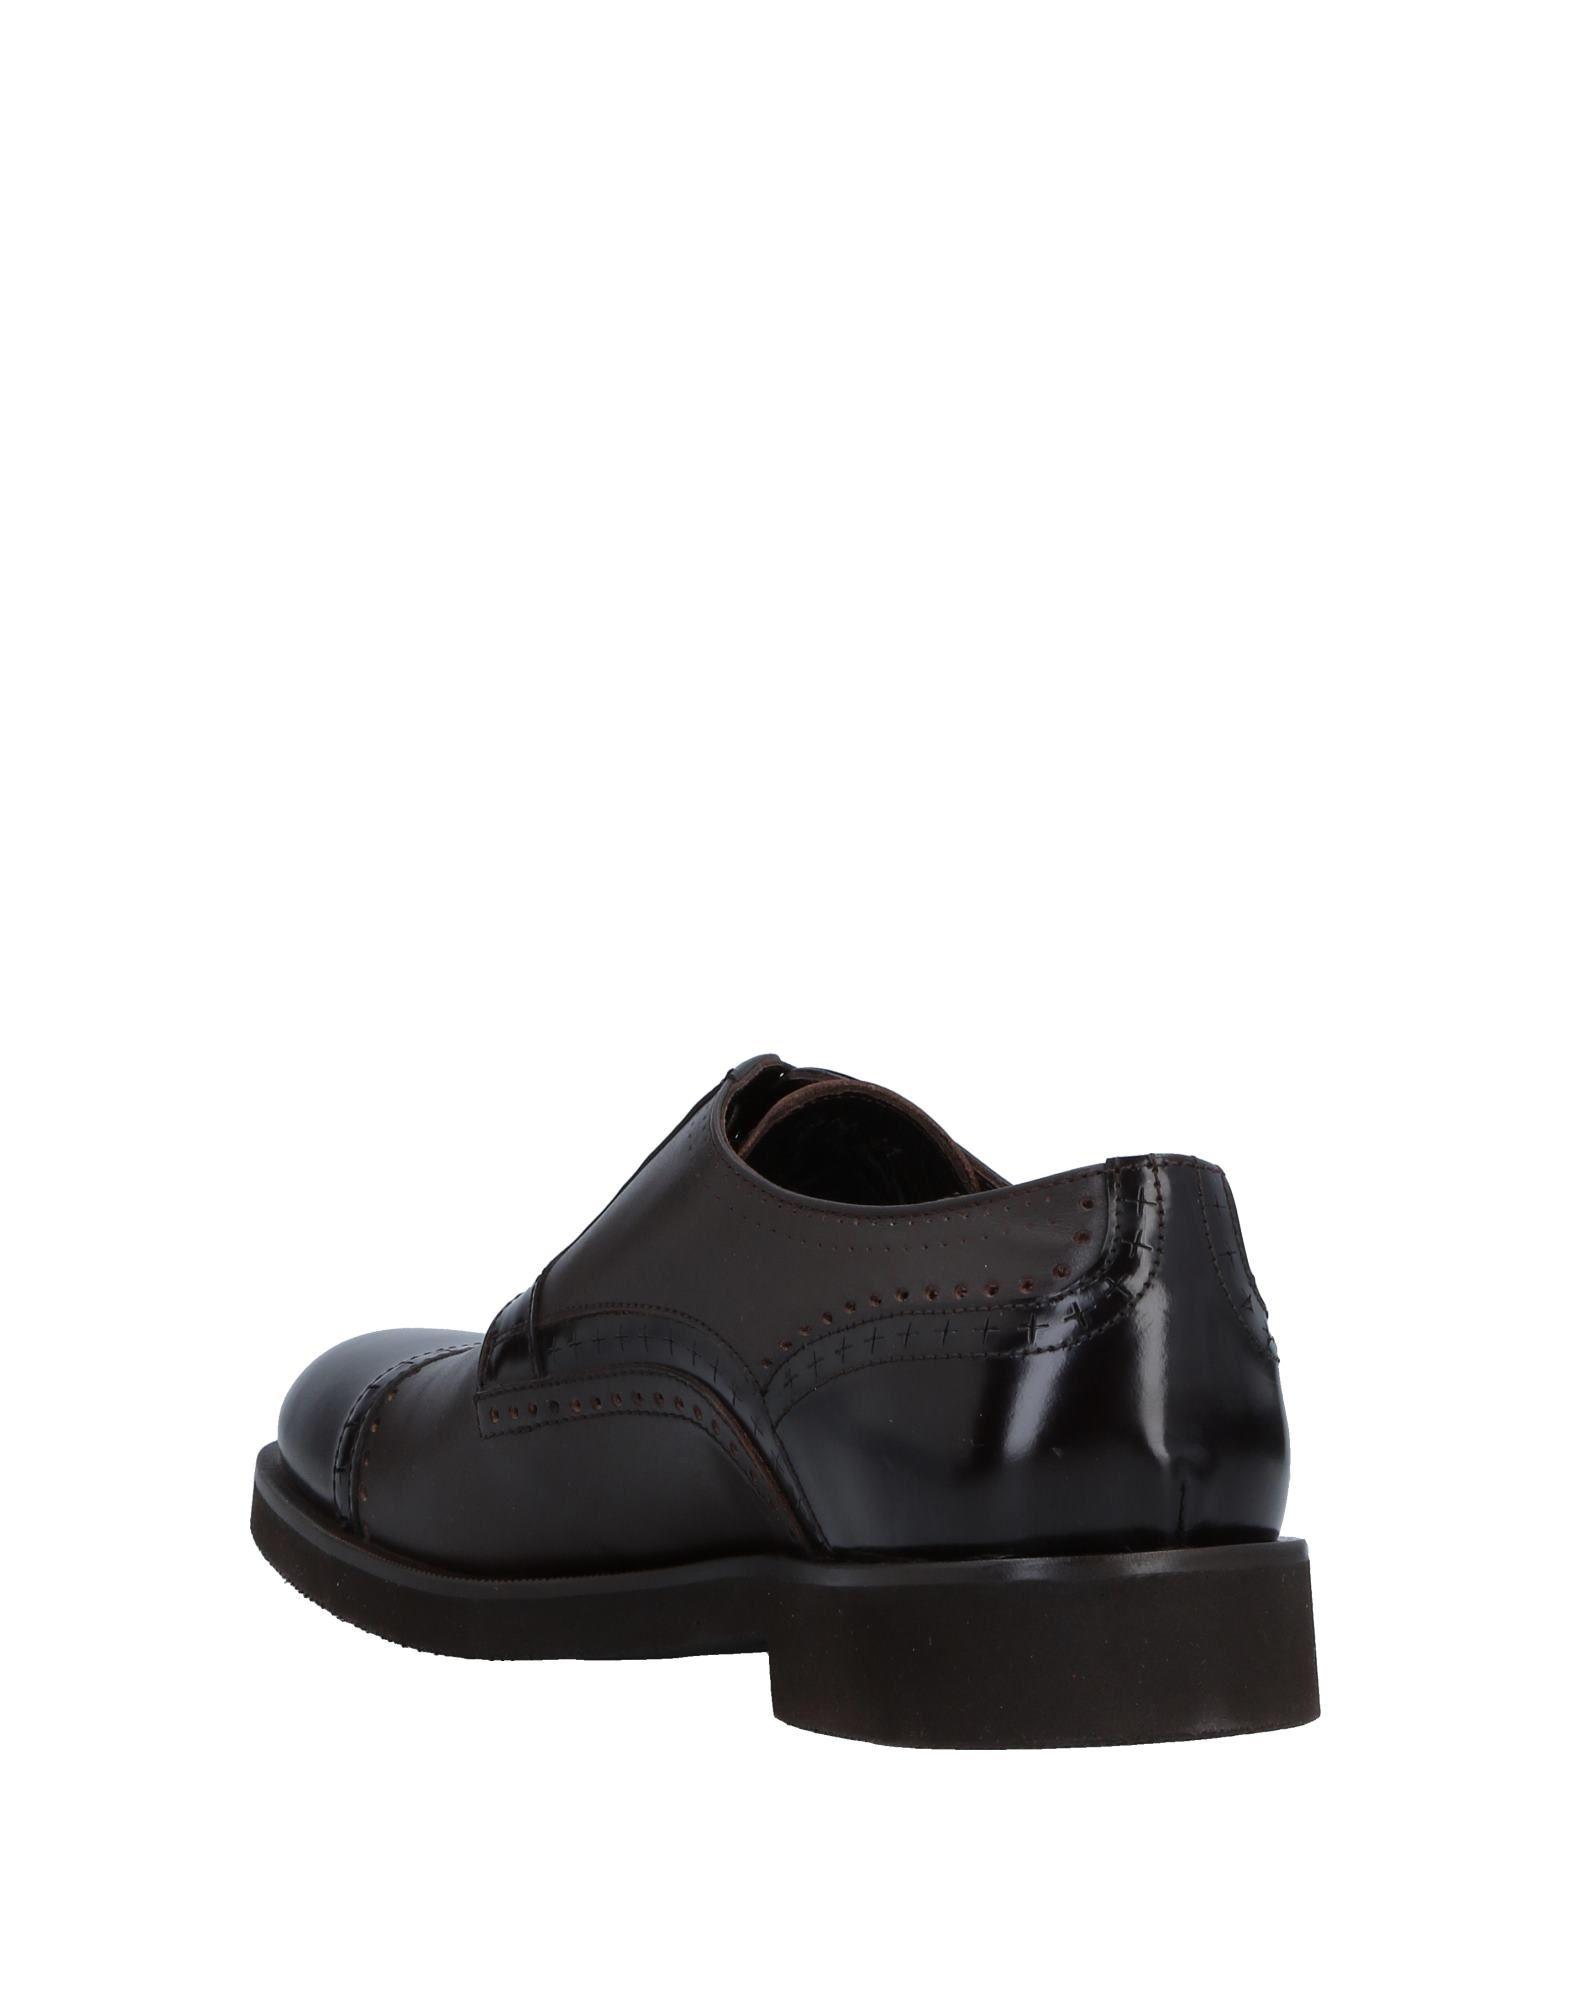 Alessandro Dell'acqua Schnürschuhe Herren  11534888QJ Gute Qualität beliebte Schuhe